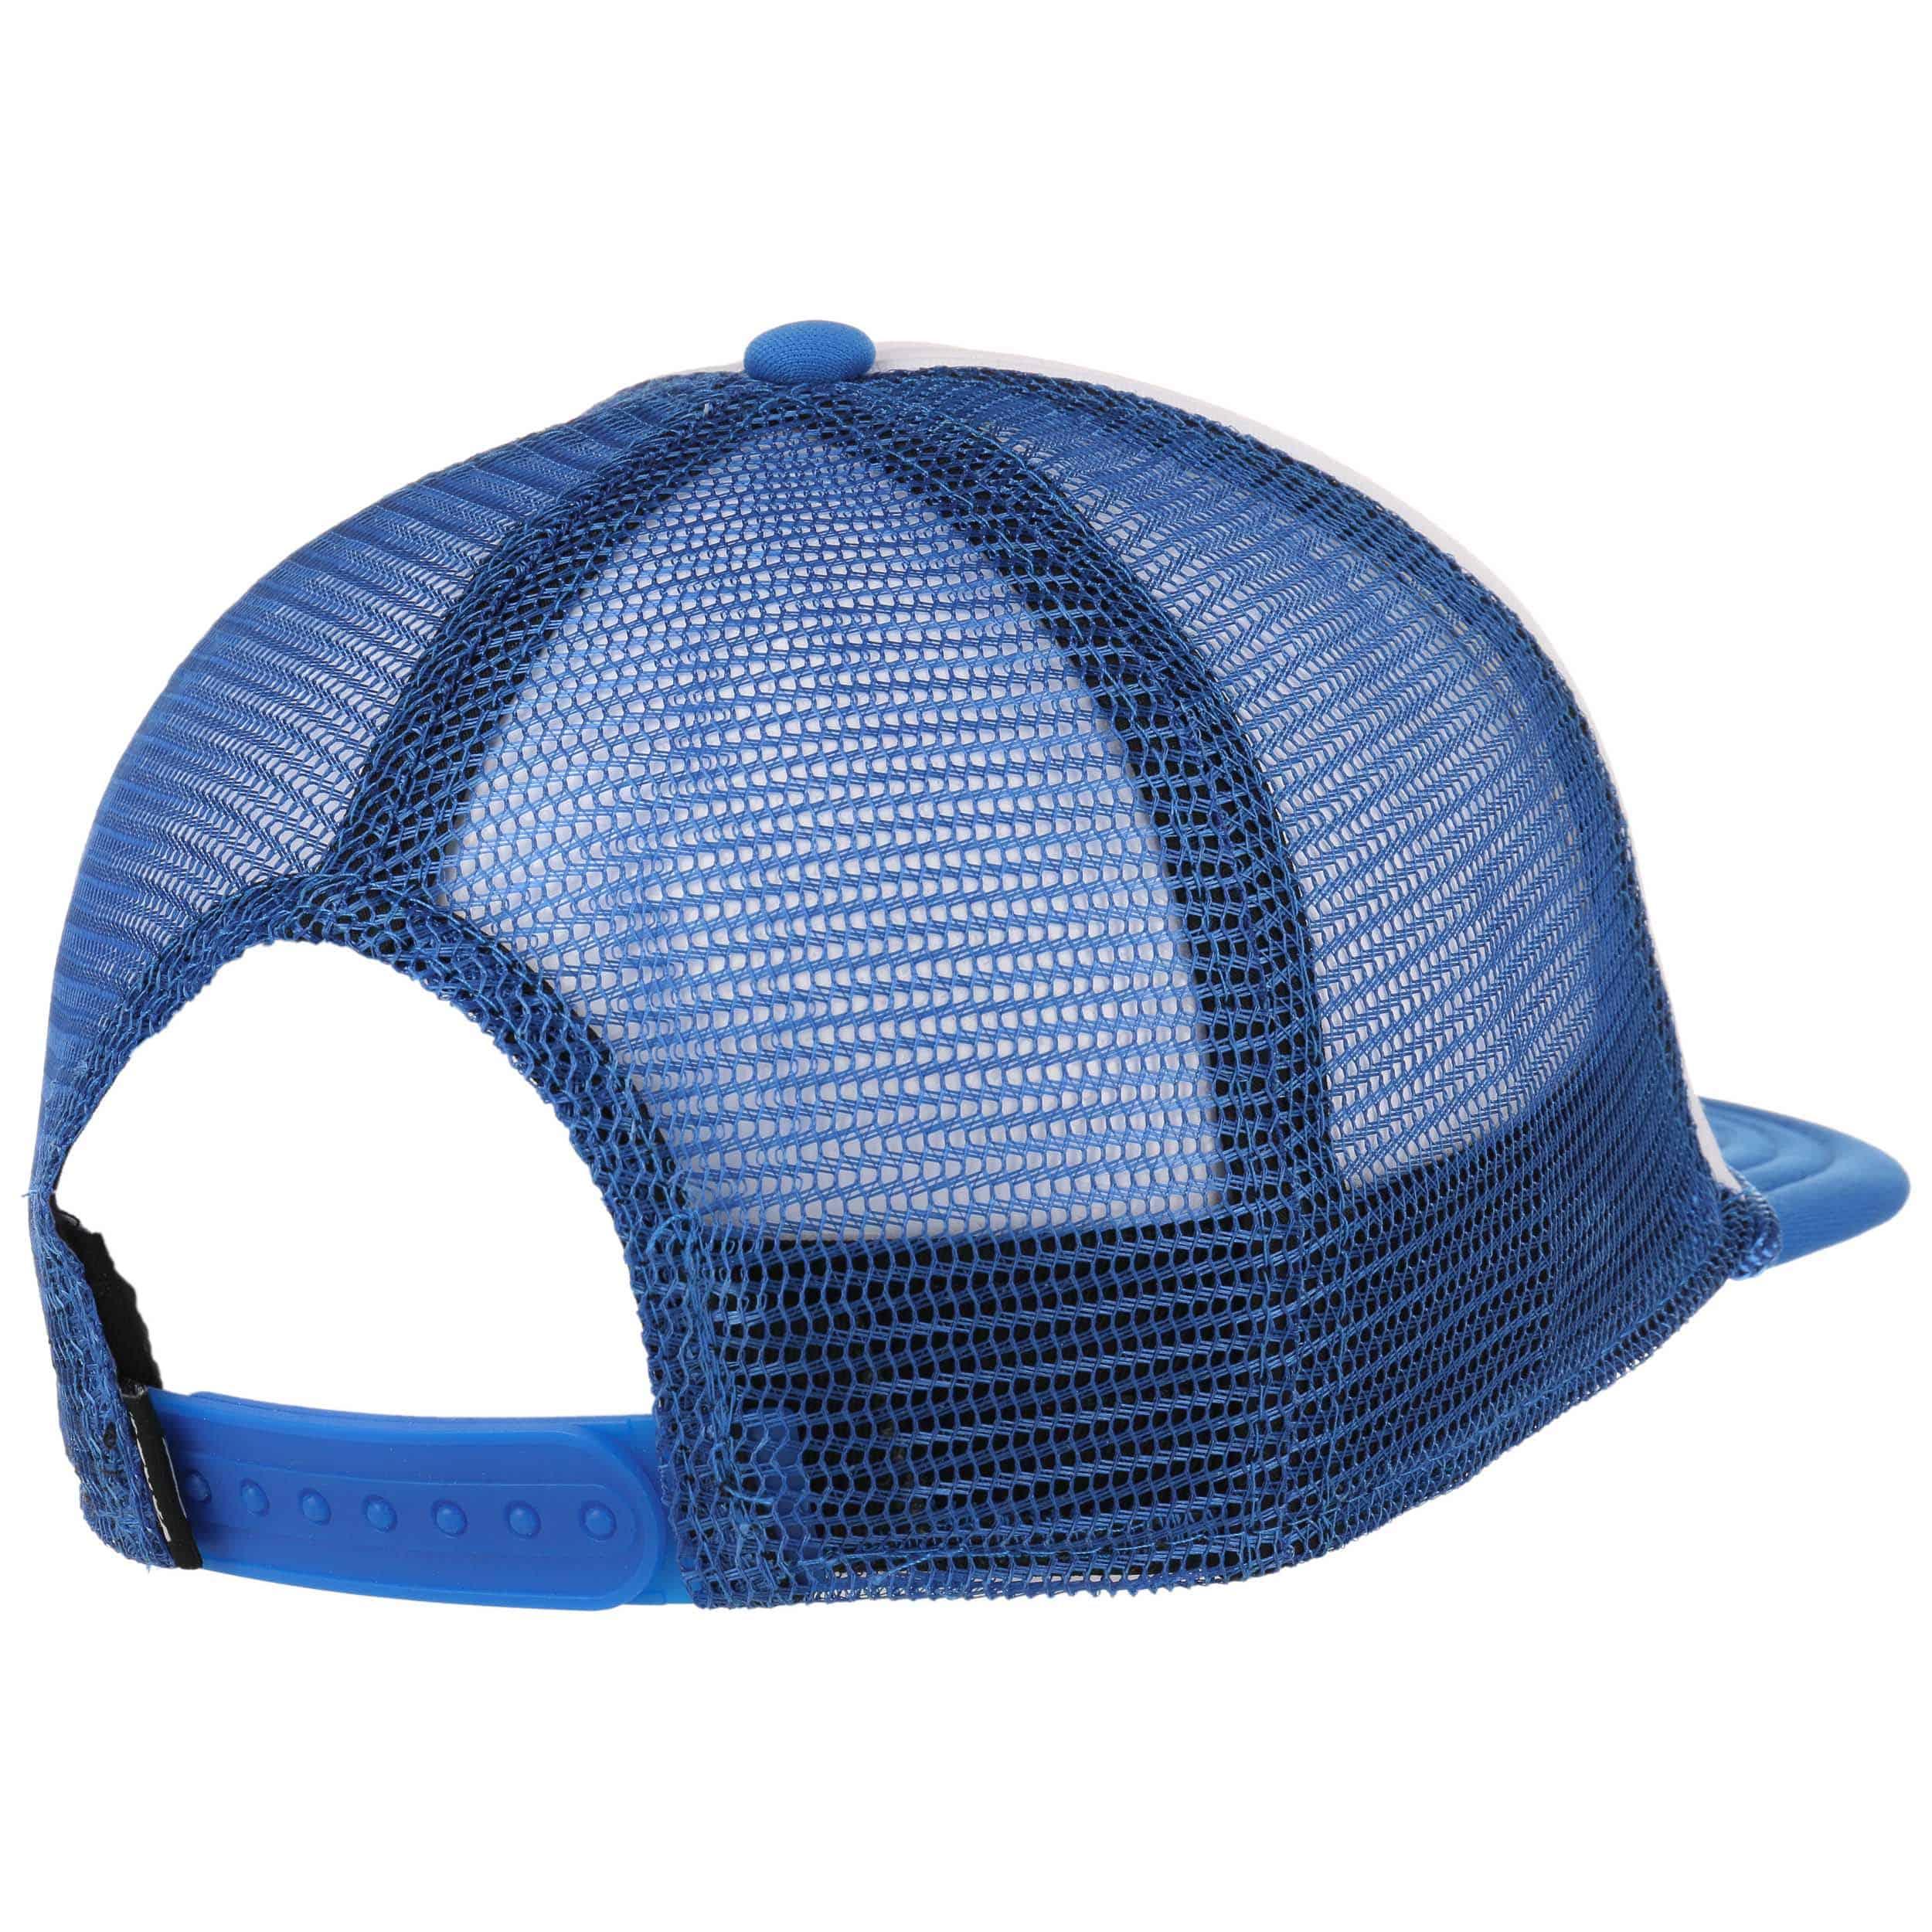 vans blue cap